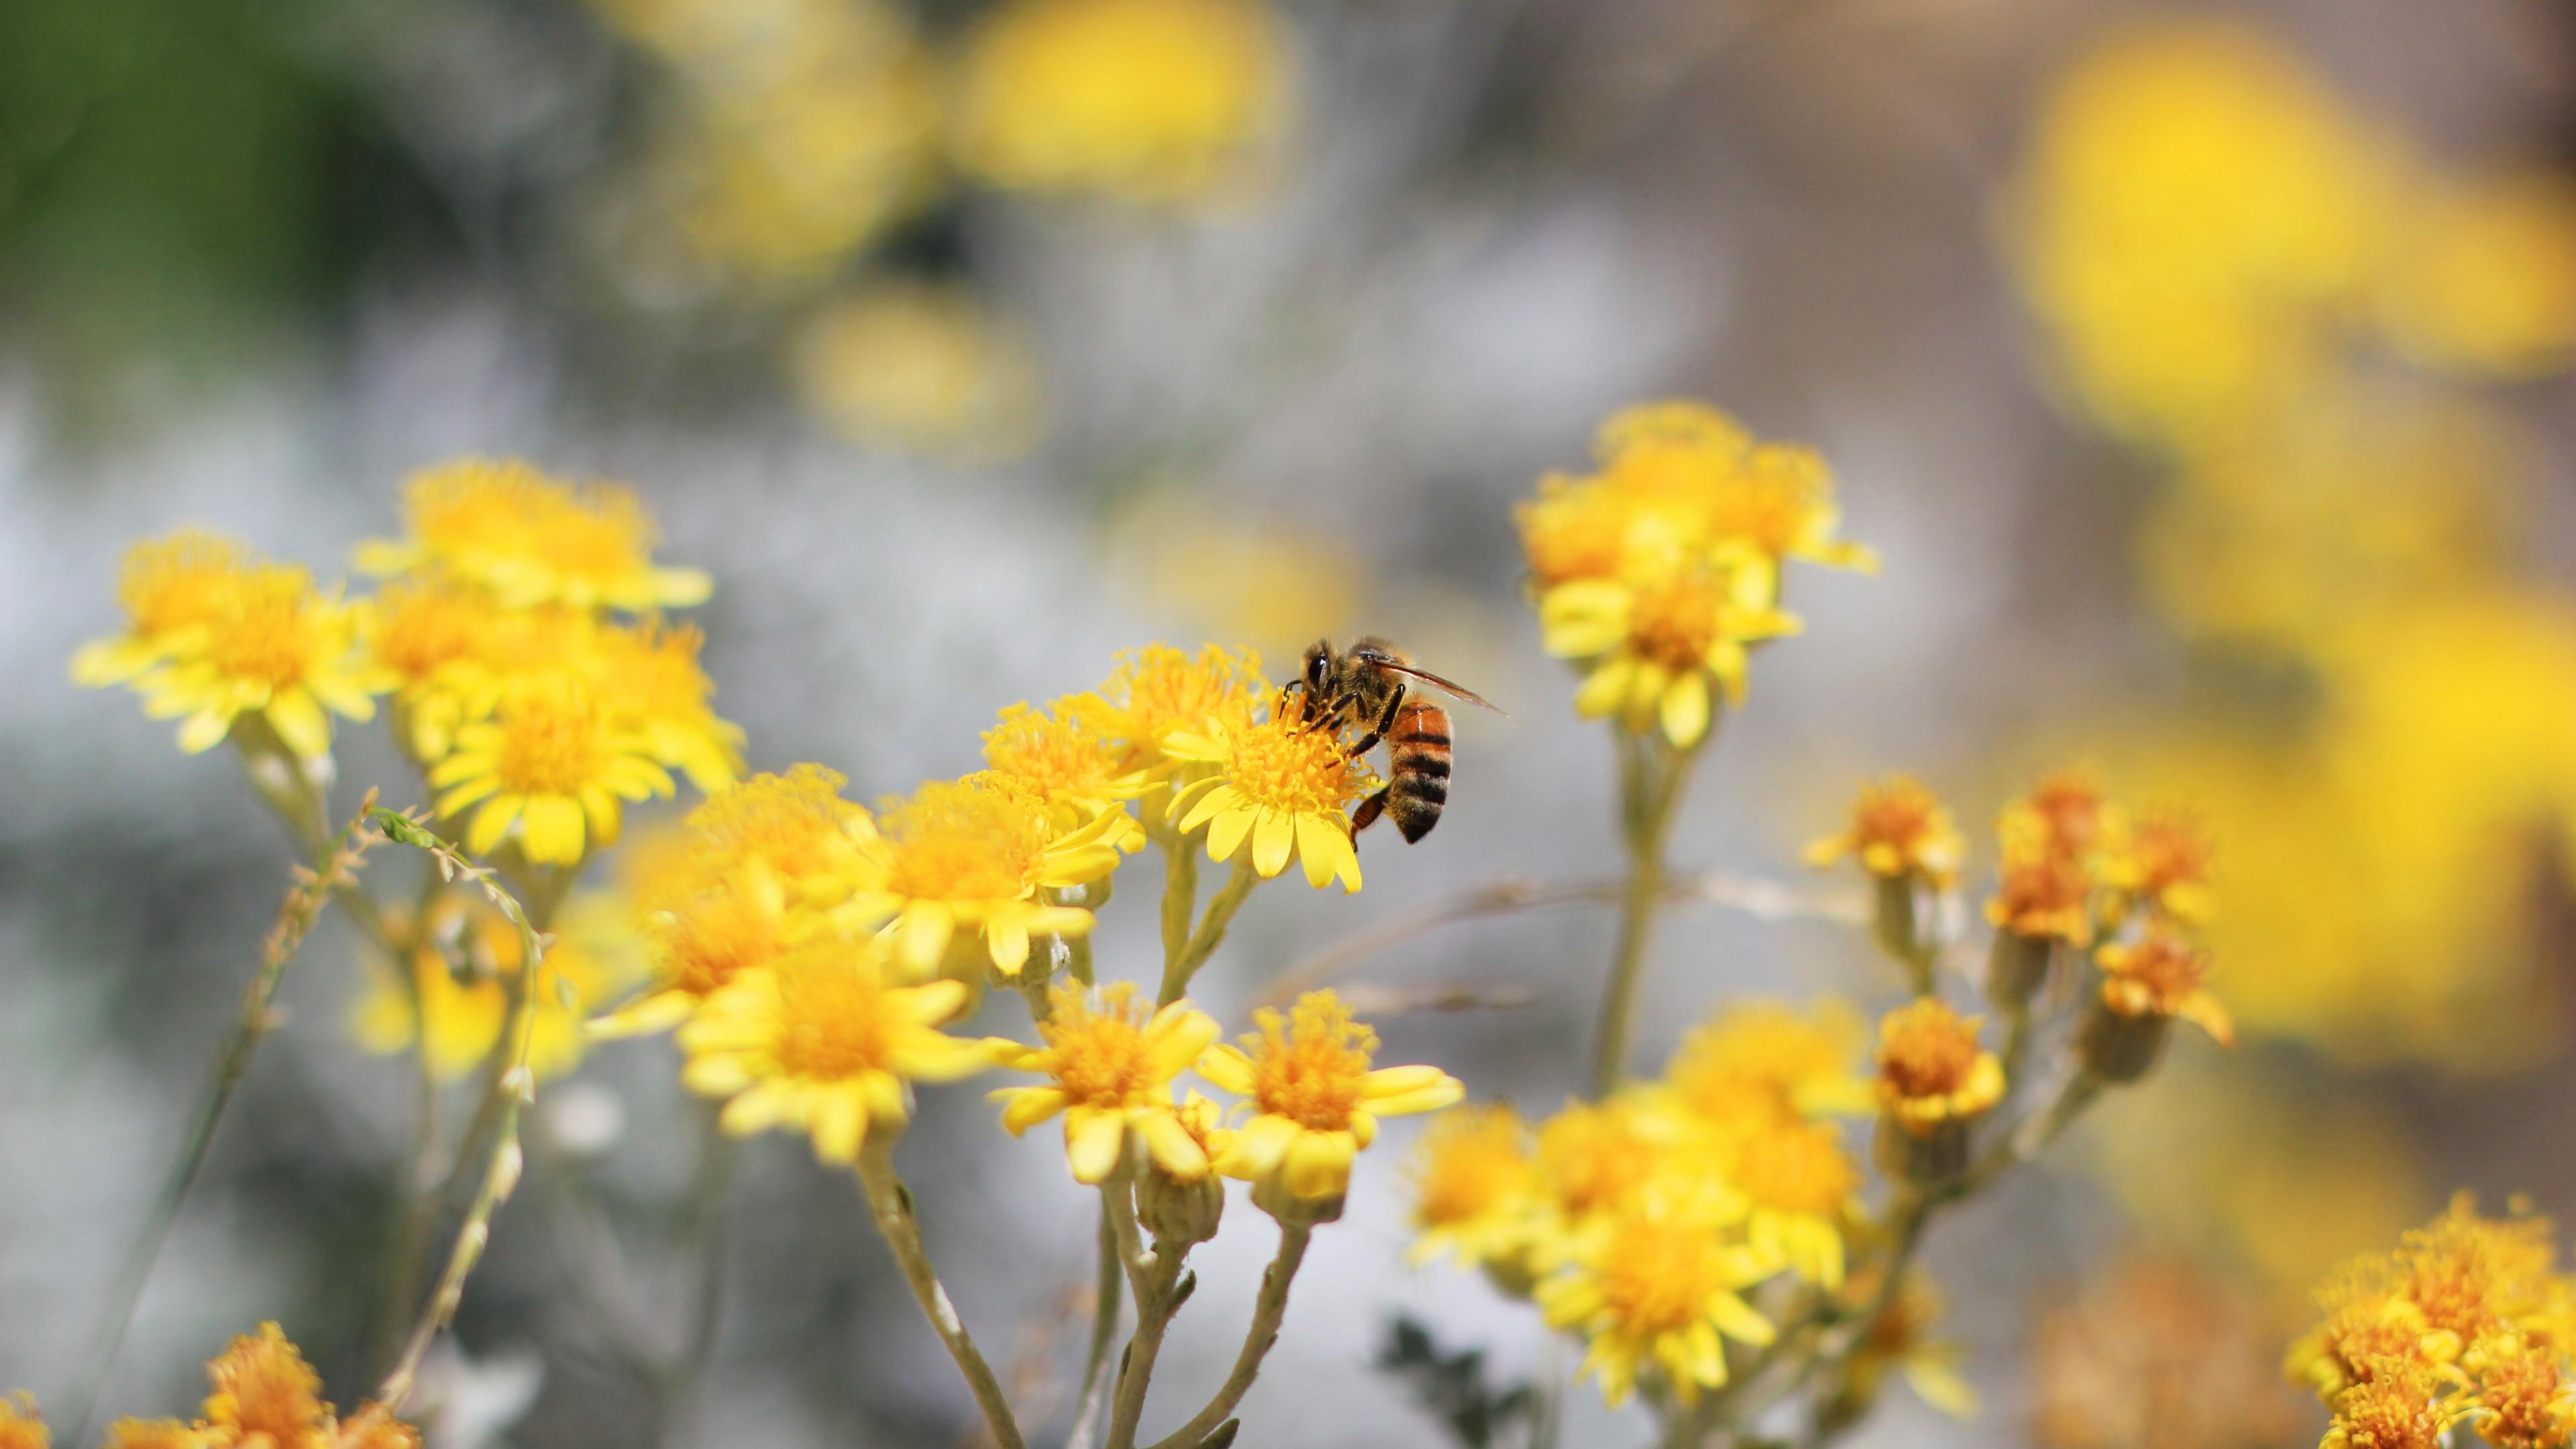 Утренняя медоносная пчела на ярко-желтых цветках в солнечных лучах